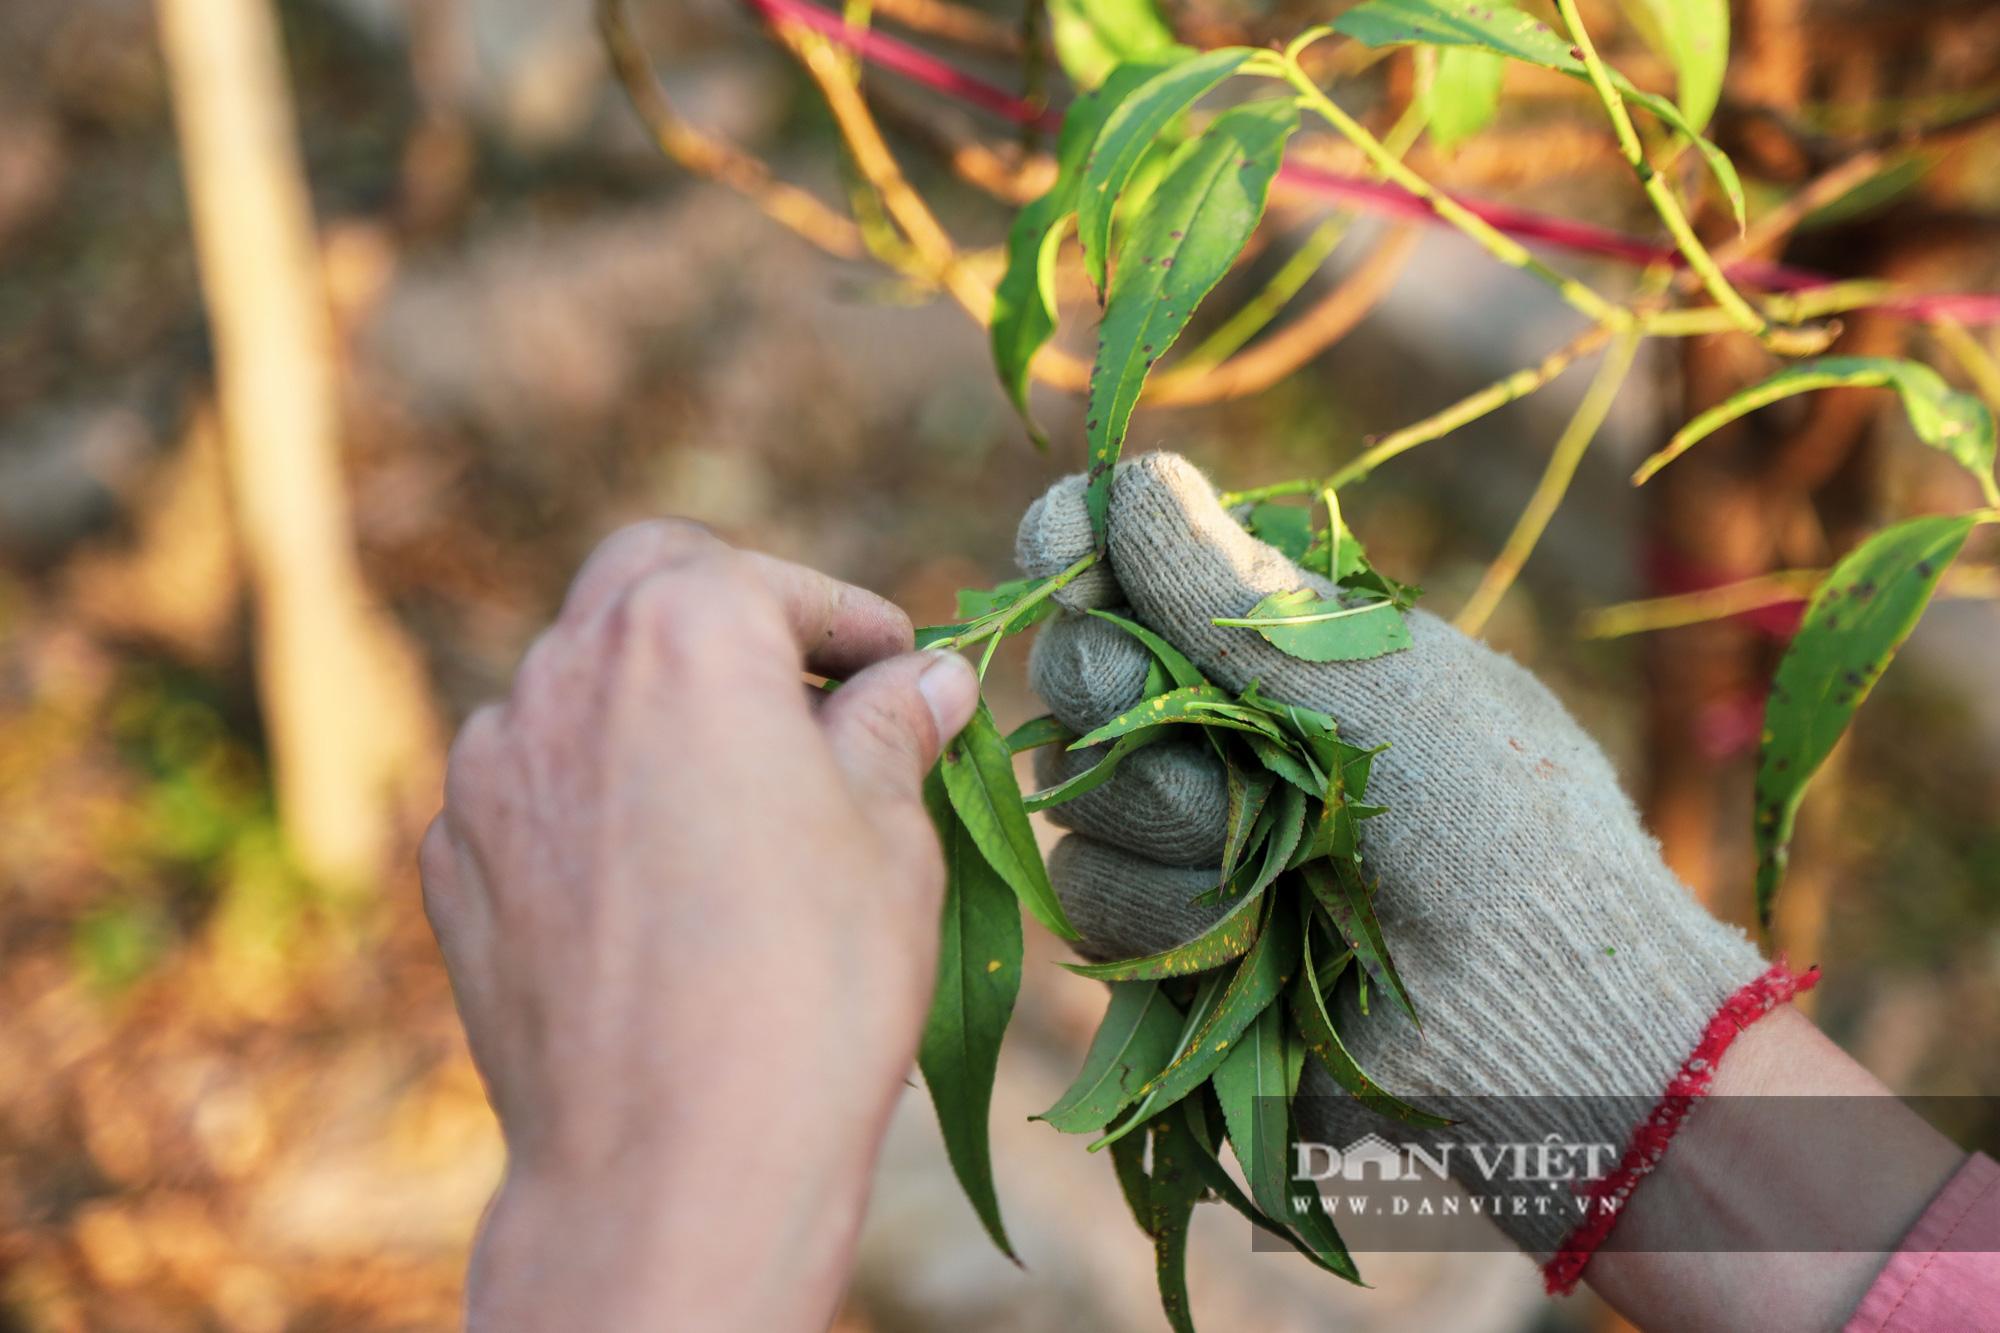 Người Hà Nội nô nức chụp ảnh check-in hoa đào từ Tết Dương lịch - Ảnh 8.